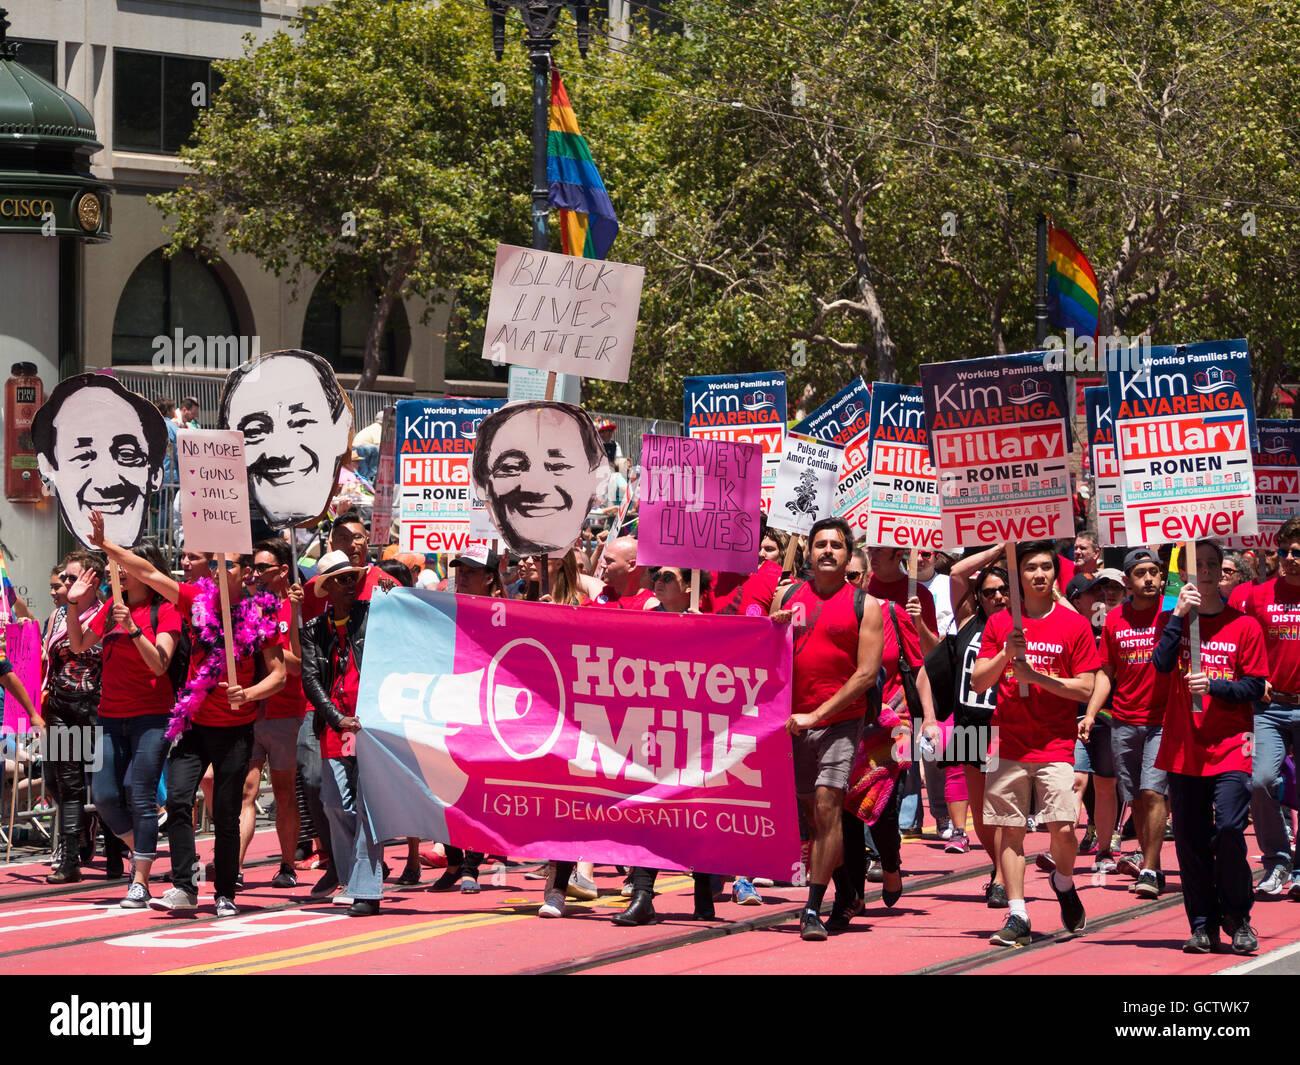 Harvey Milk LGBT Democratic Club parades San Francisco Pride ...